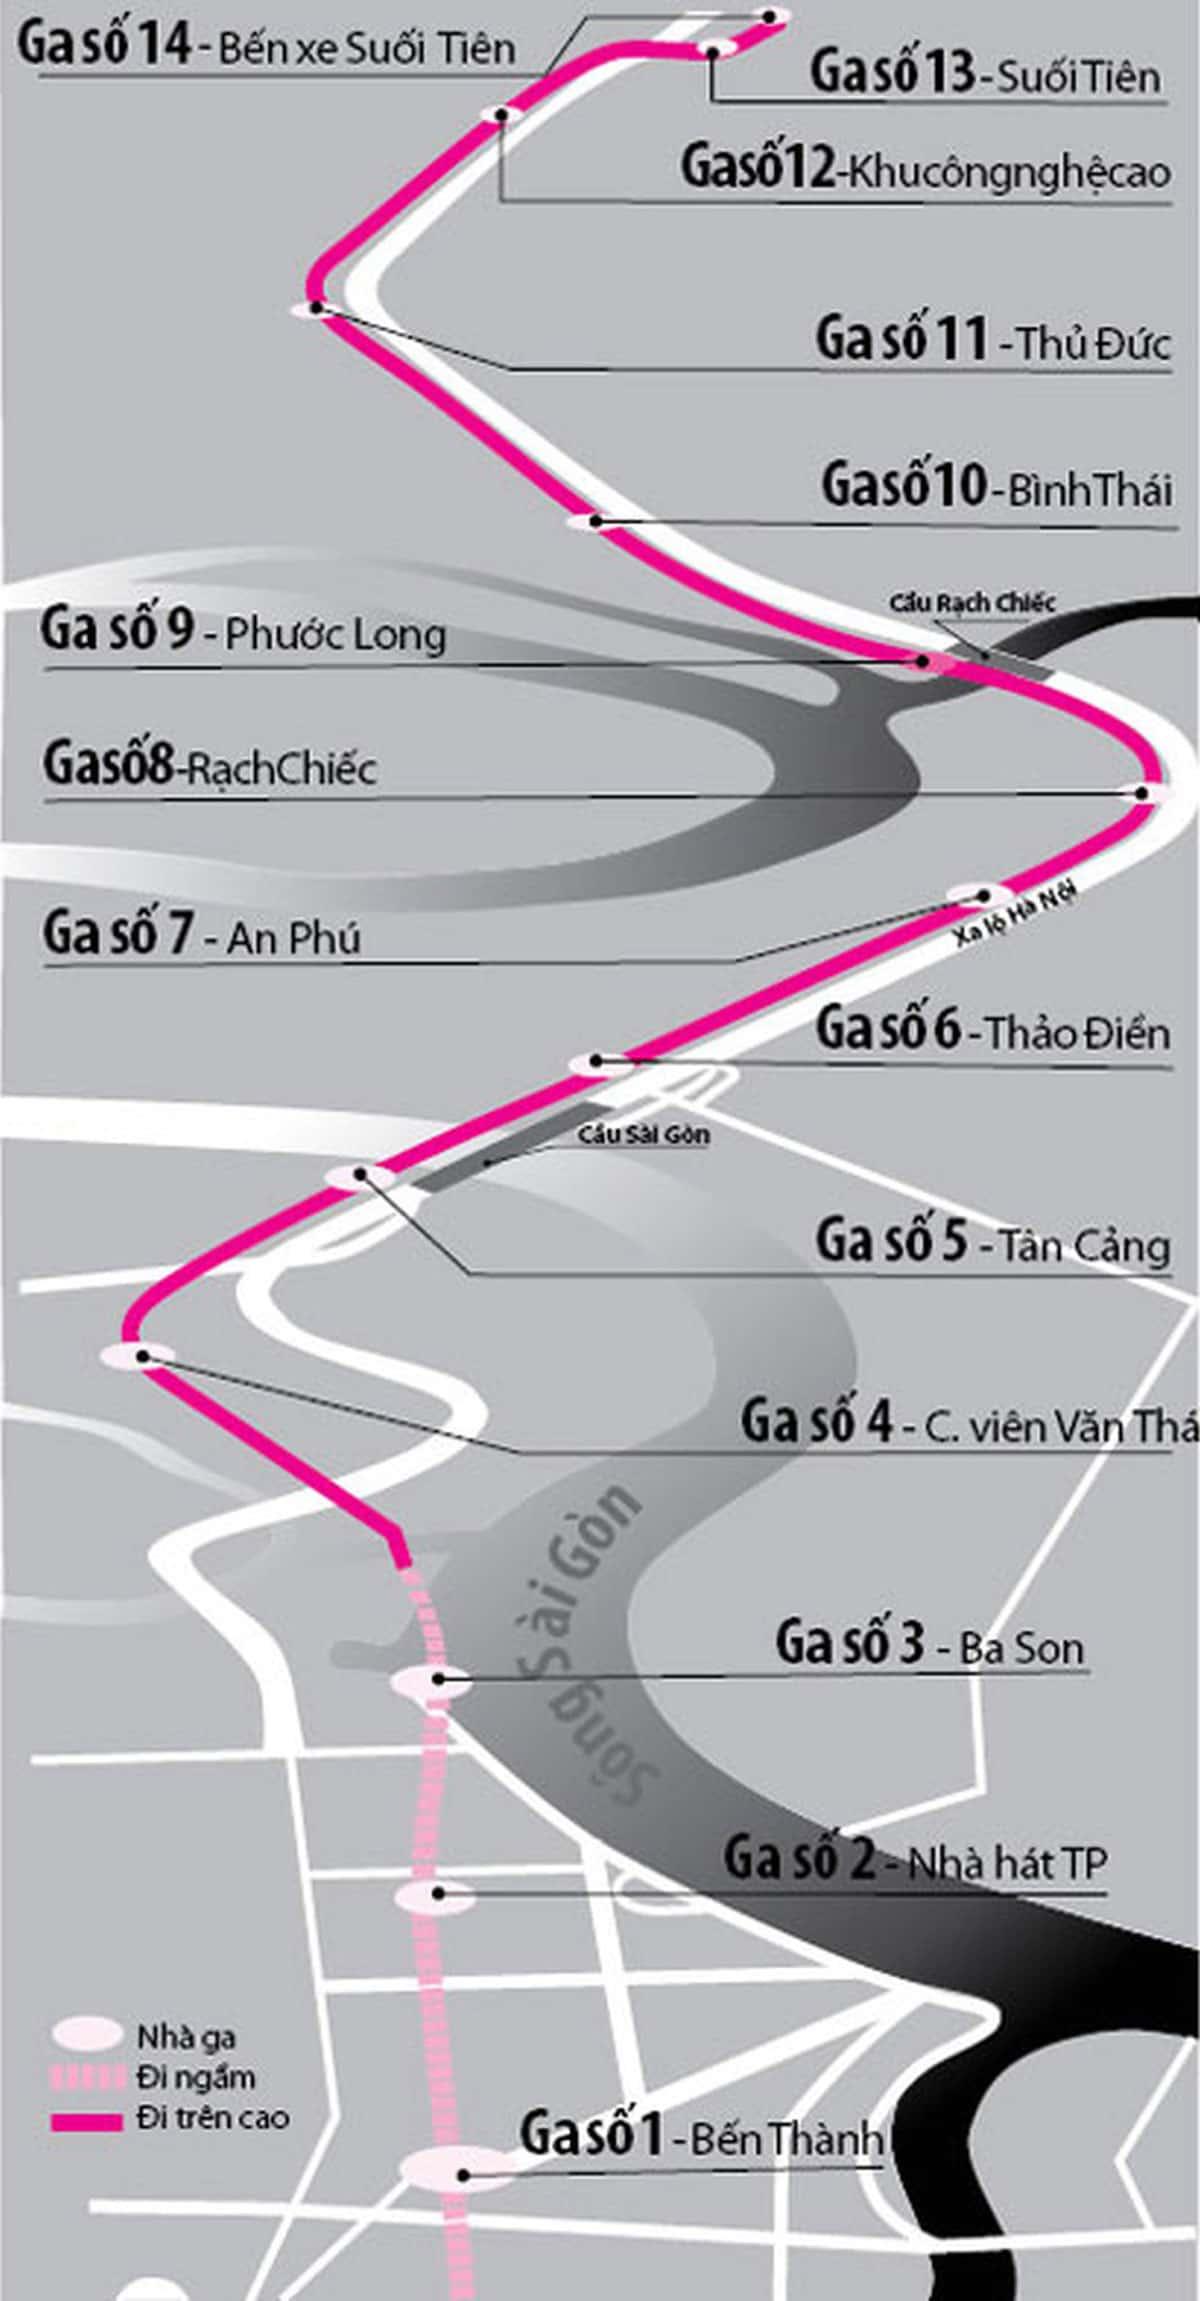 he thong nha ga tuyen metro so 1 - Thông tin về Sơ đồ Tuyến Metro số 1: Bến Thành – Suối Tiên